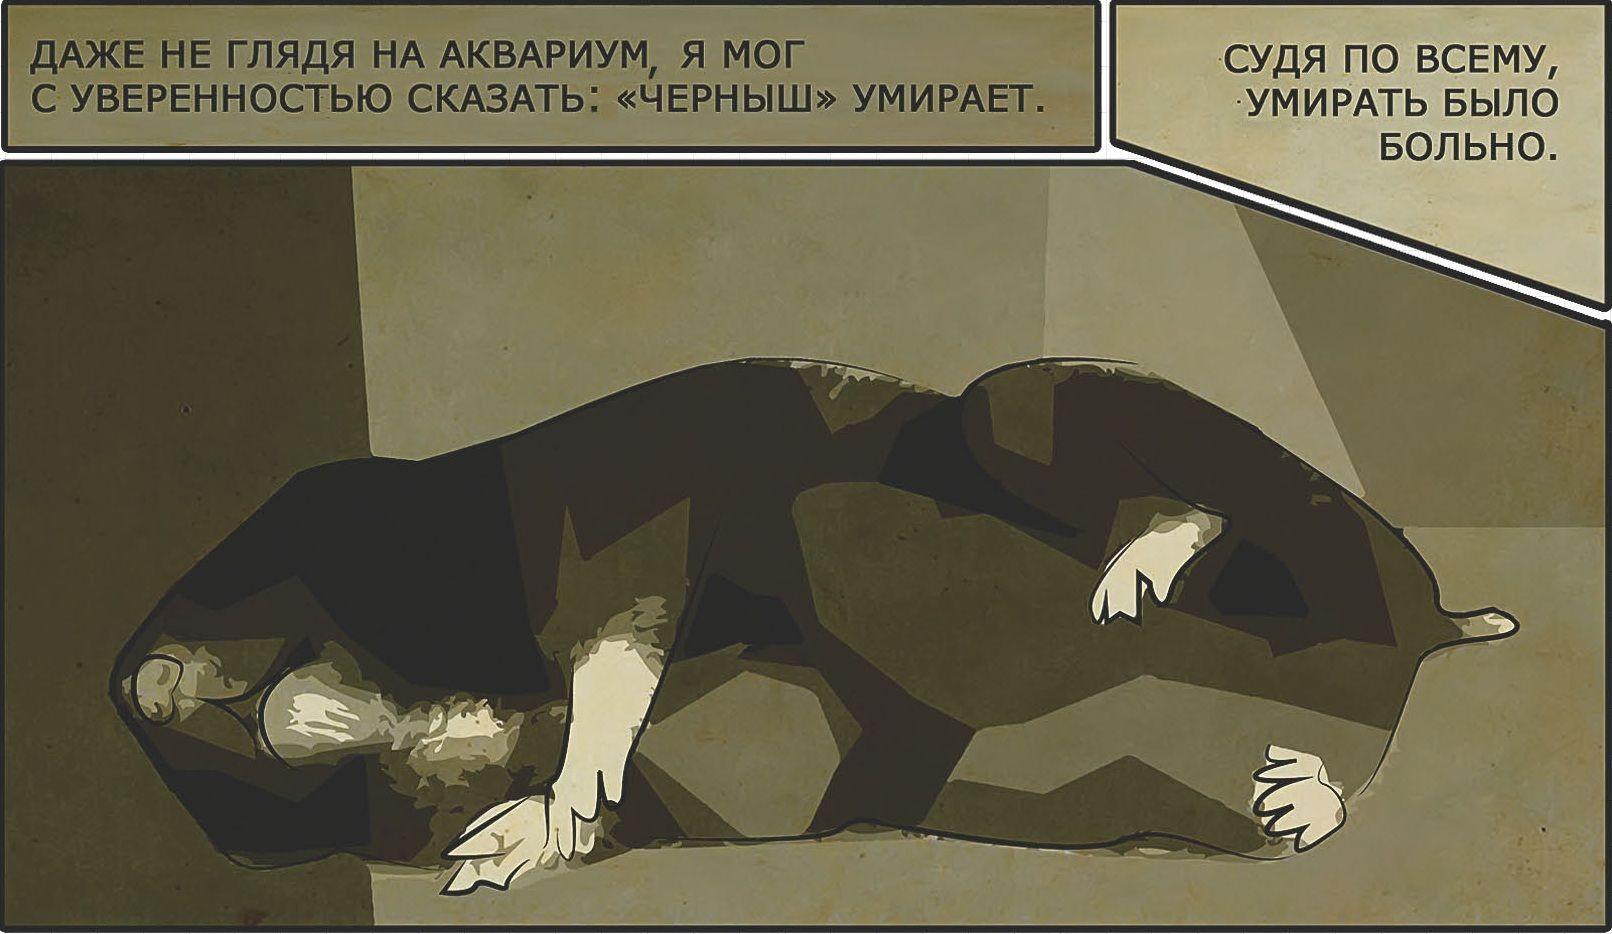 Брат и сестра на русском - смотреть порно онлайн или скачать бесплатно на сайте «V-Anal.com»